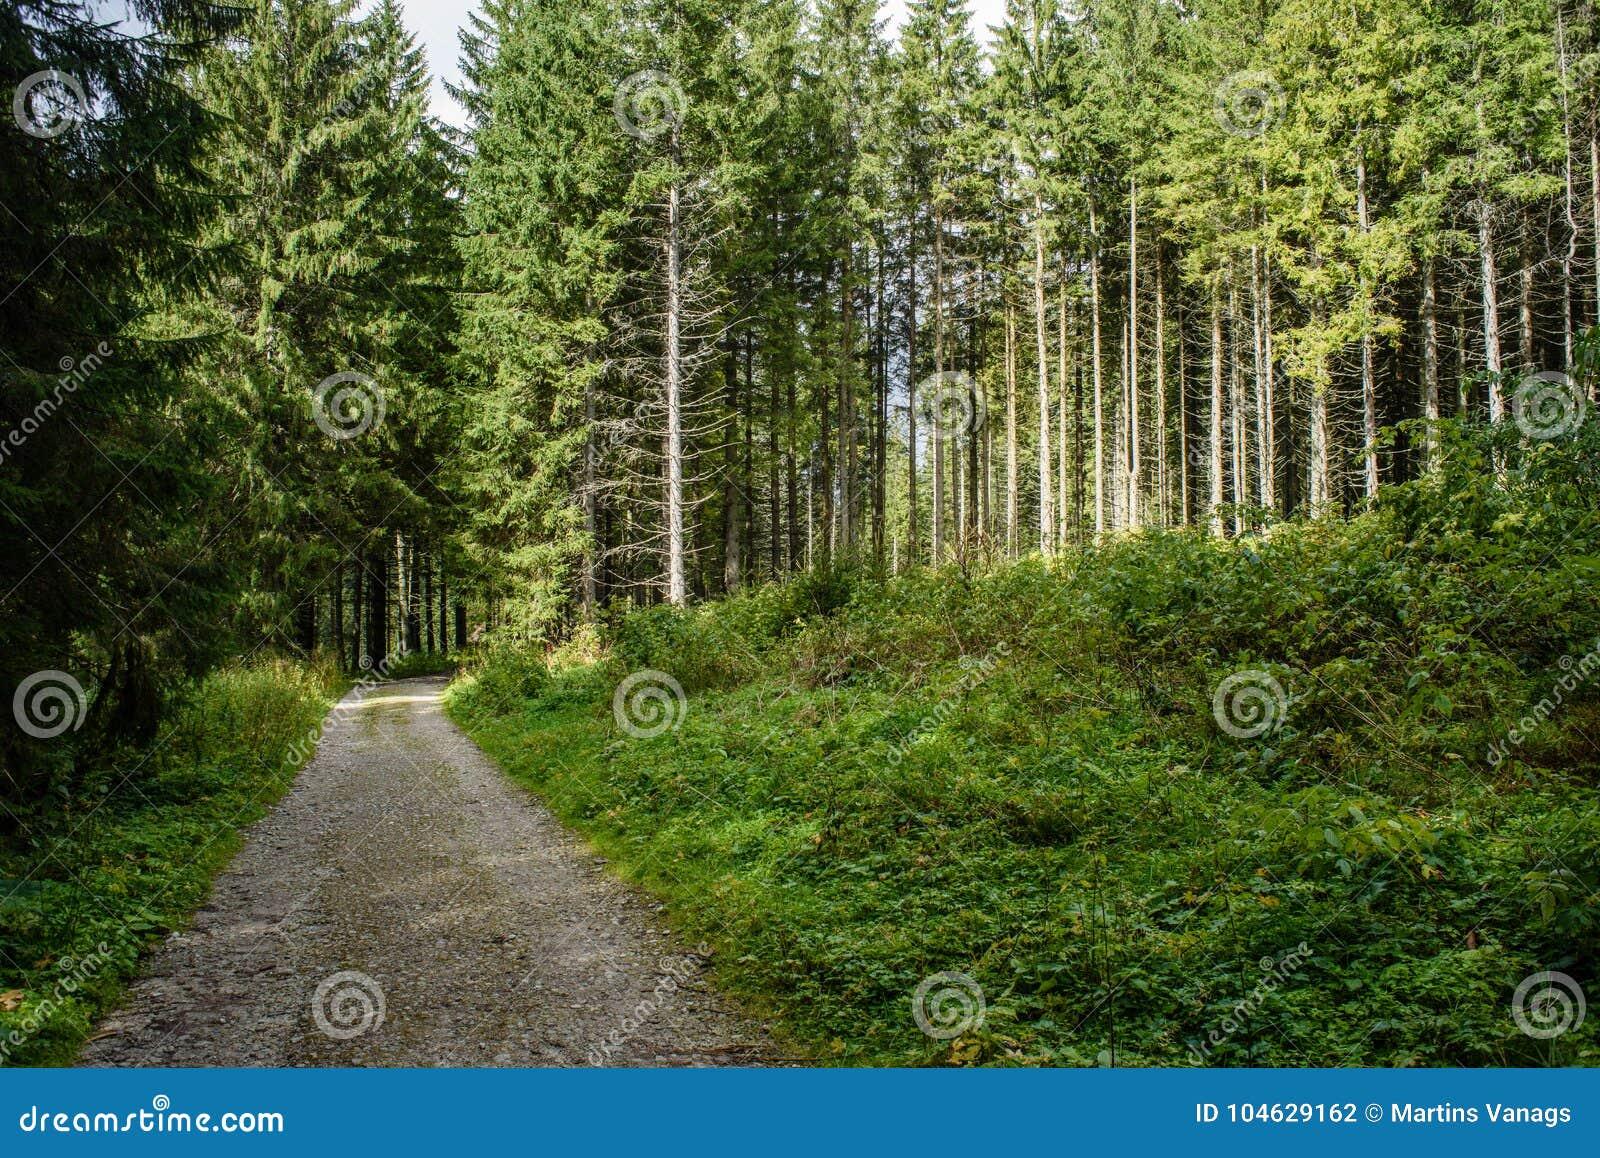 Download Lege Grintweg In Het Platteland In De Zomer Stock Foto - Afbeelding bestaande uit wandeling, vakantie: 104629162